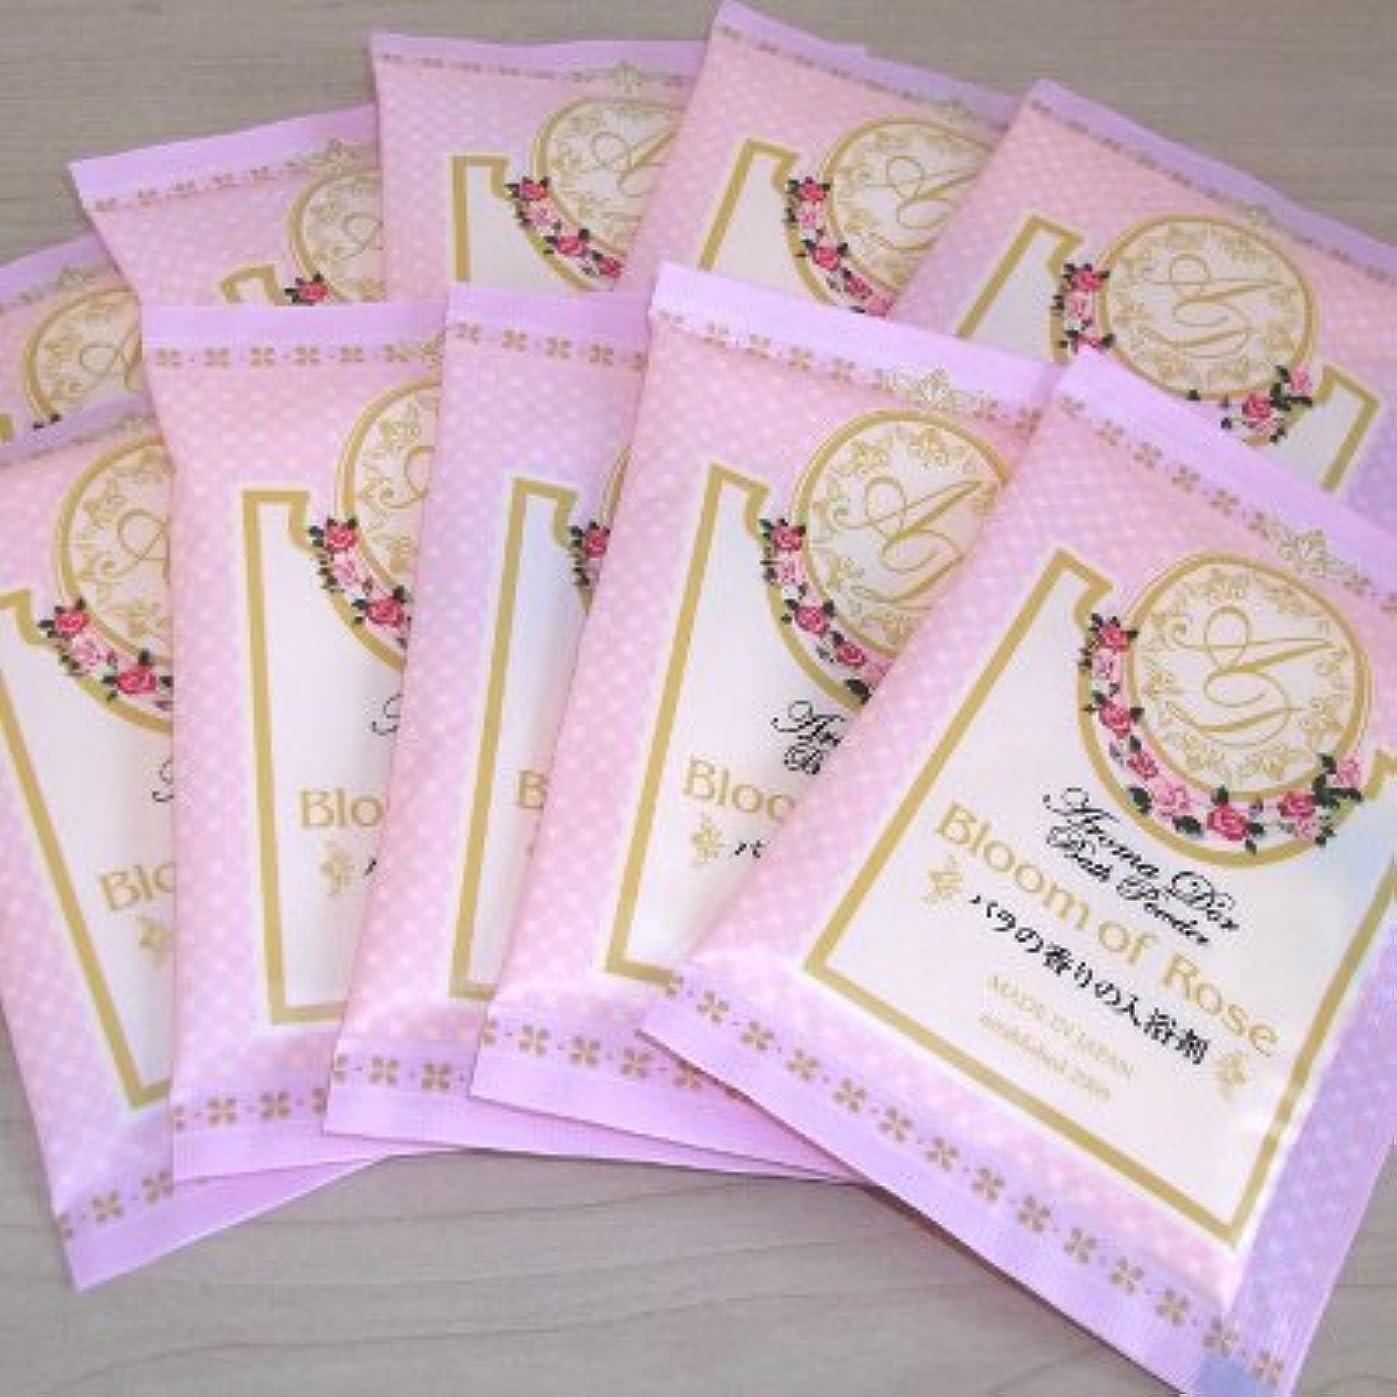 管理開拓者酸っぱいアロマドール バラの香り 10包セット